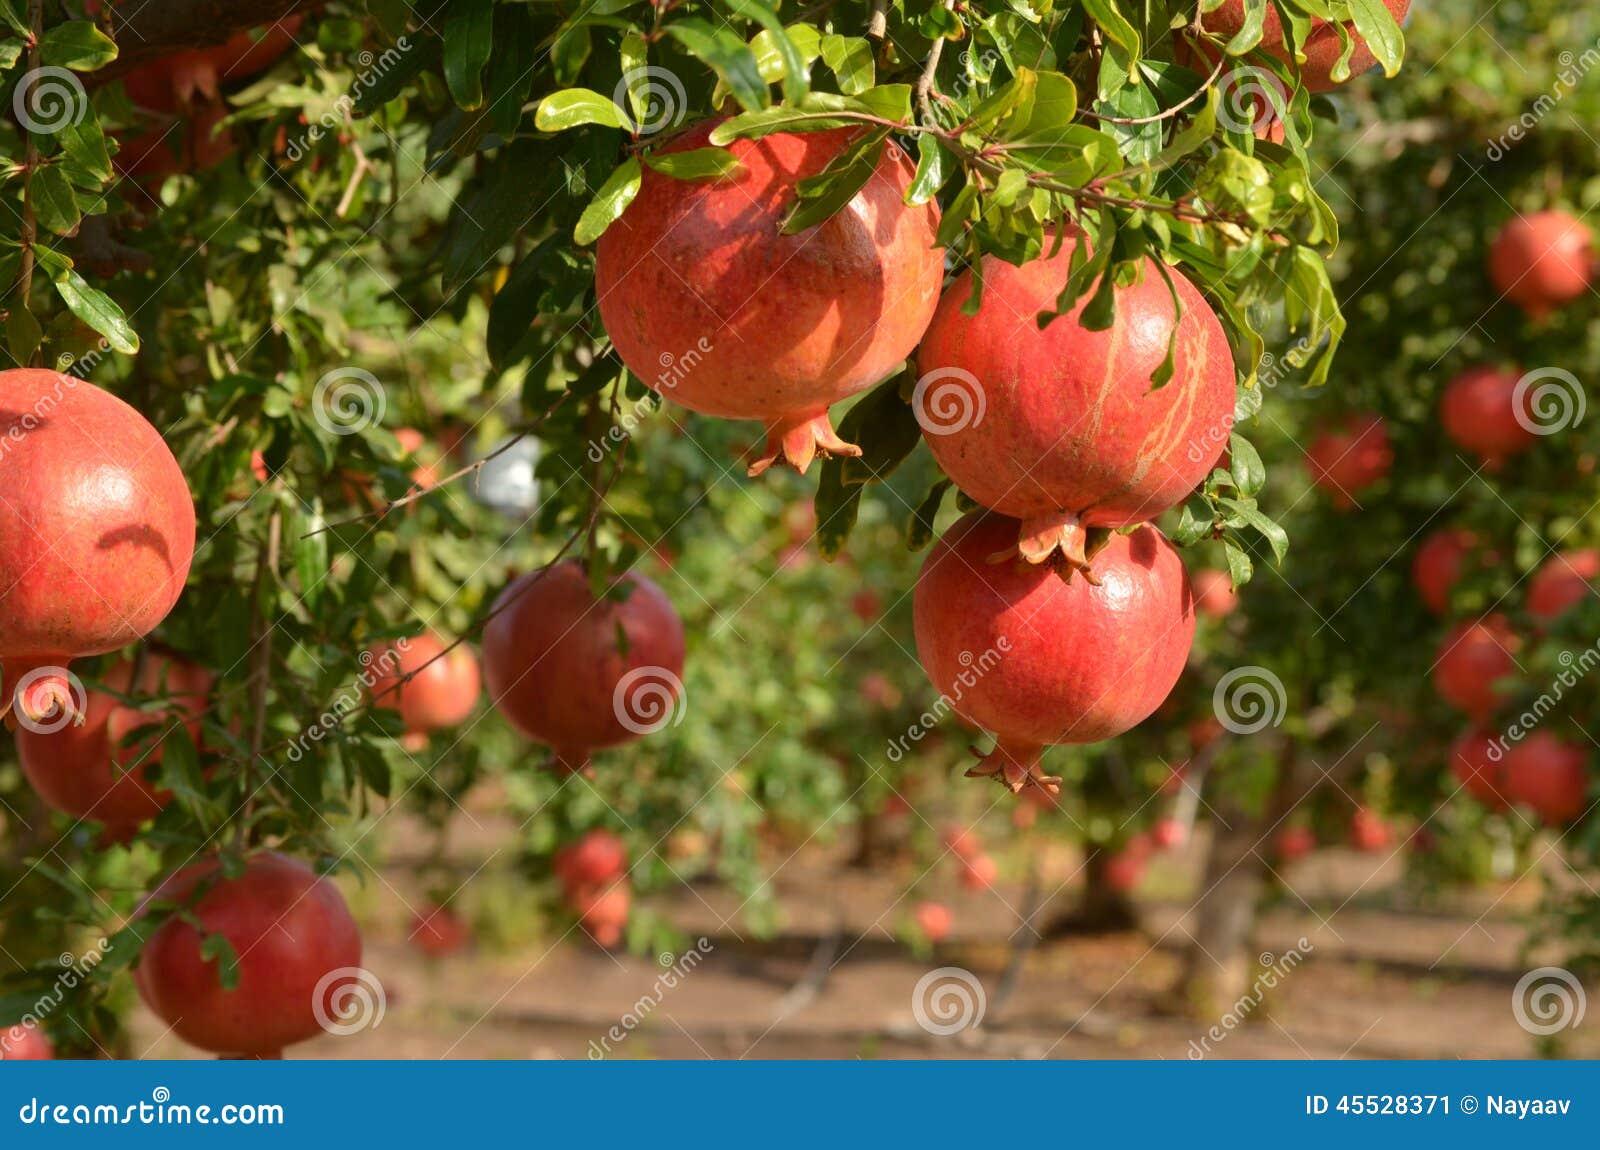 granatapfelbaum stockbild bild von landwirtschaft. Black Bedroom Furniture Sets. Home Design Ideas